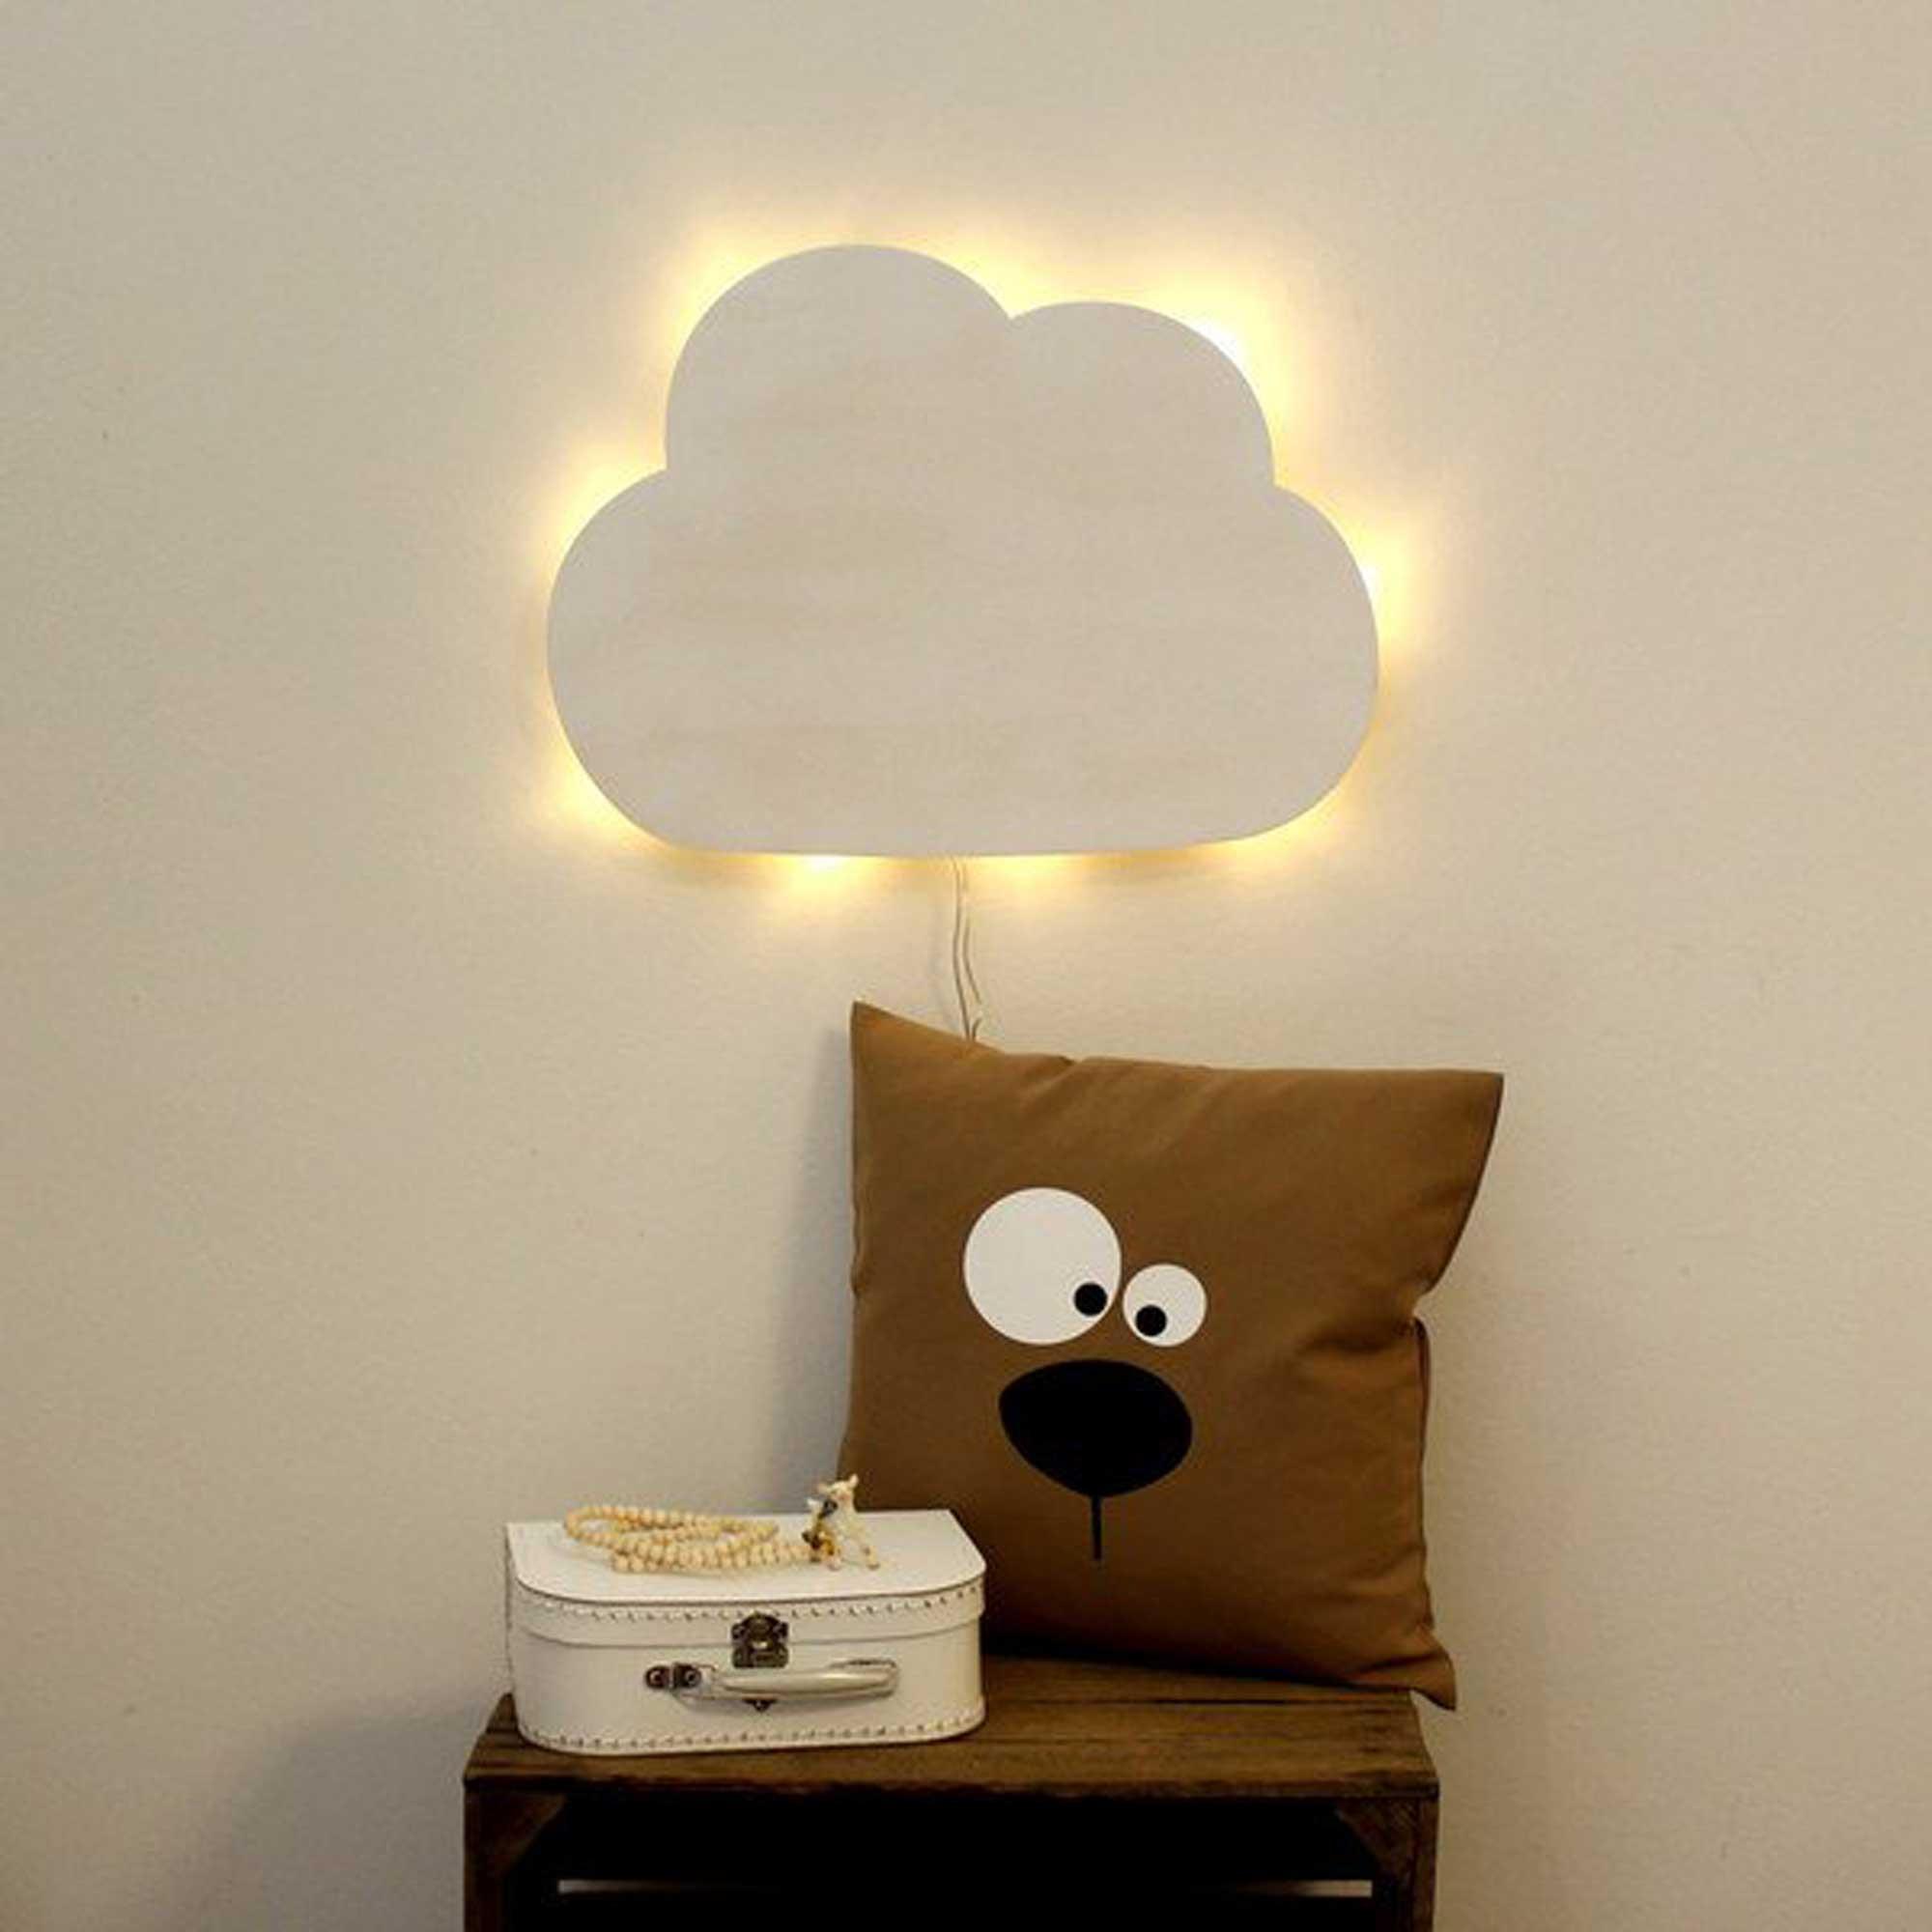 Wandtattoo Wolke Weiß : Kinderlampe Wolke Schlummerlampe in weiß M2033 ~ Wandtattoos